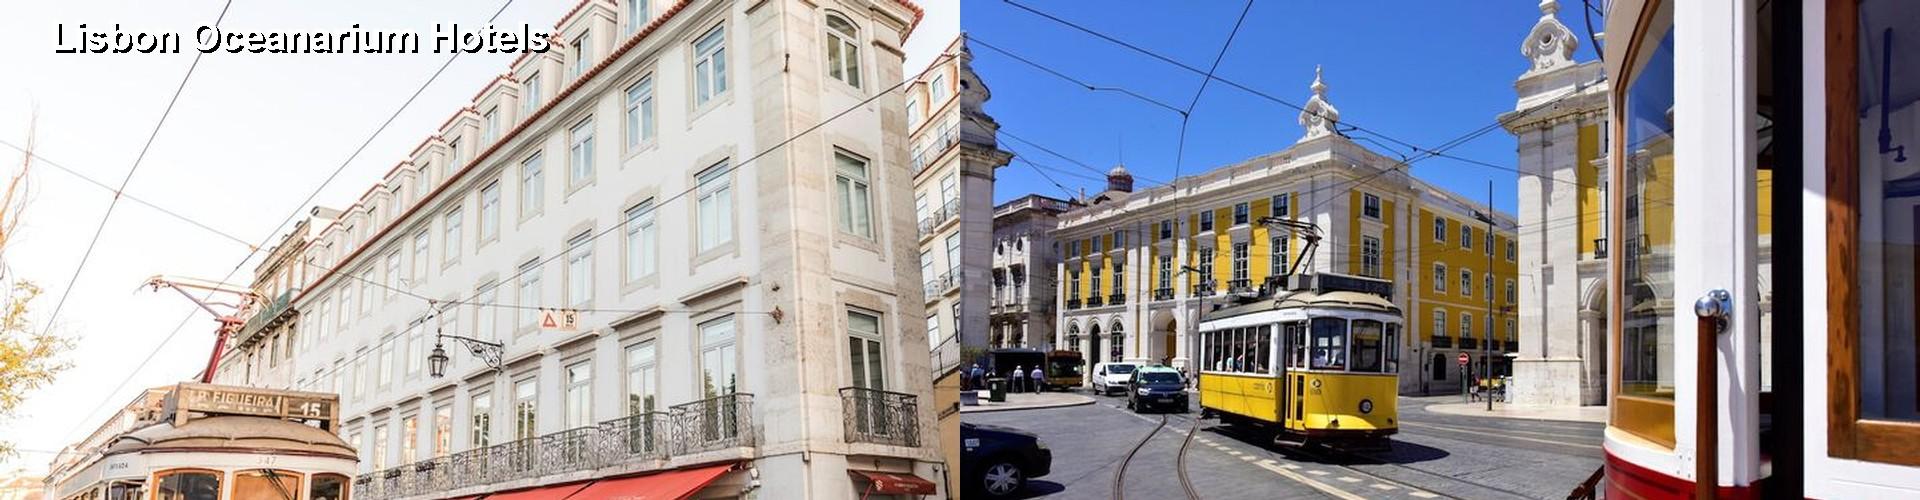 5 Best Hotels Near Lisbon Oceanarium